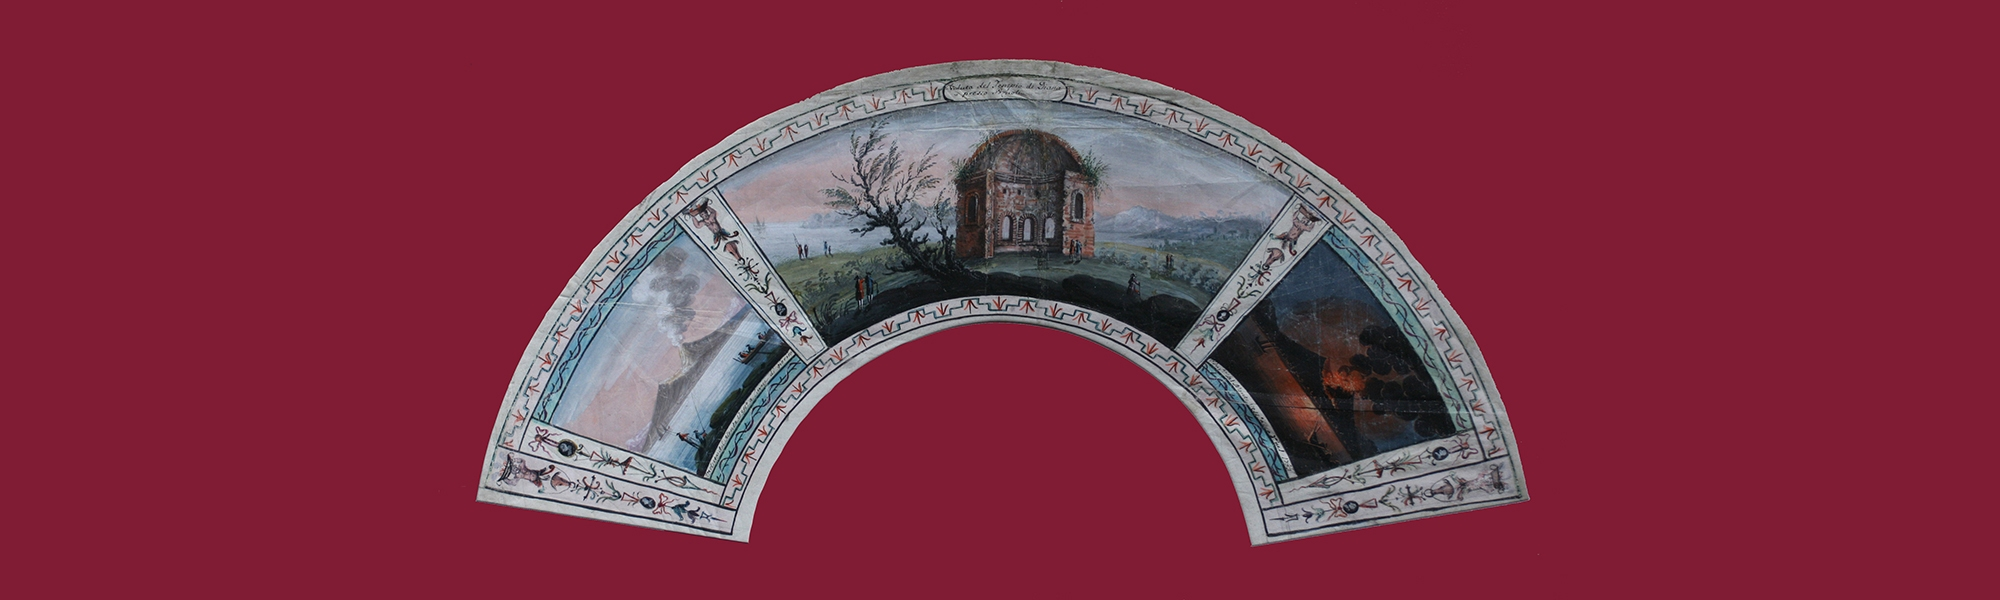 Vesuvio eruzione 1785-Tempio di Diana Pozzuoli-